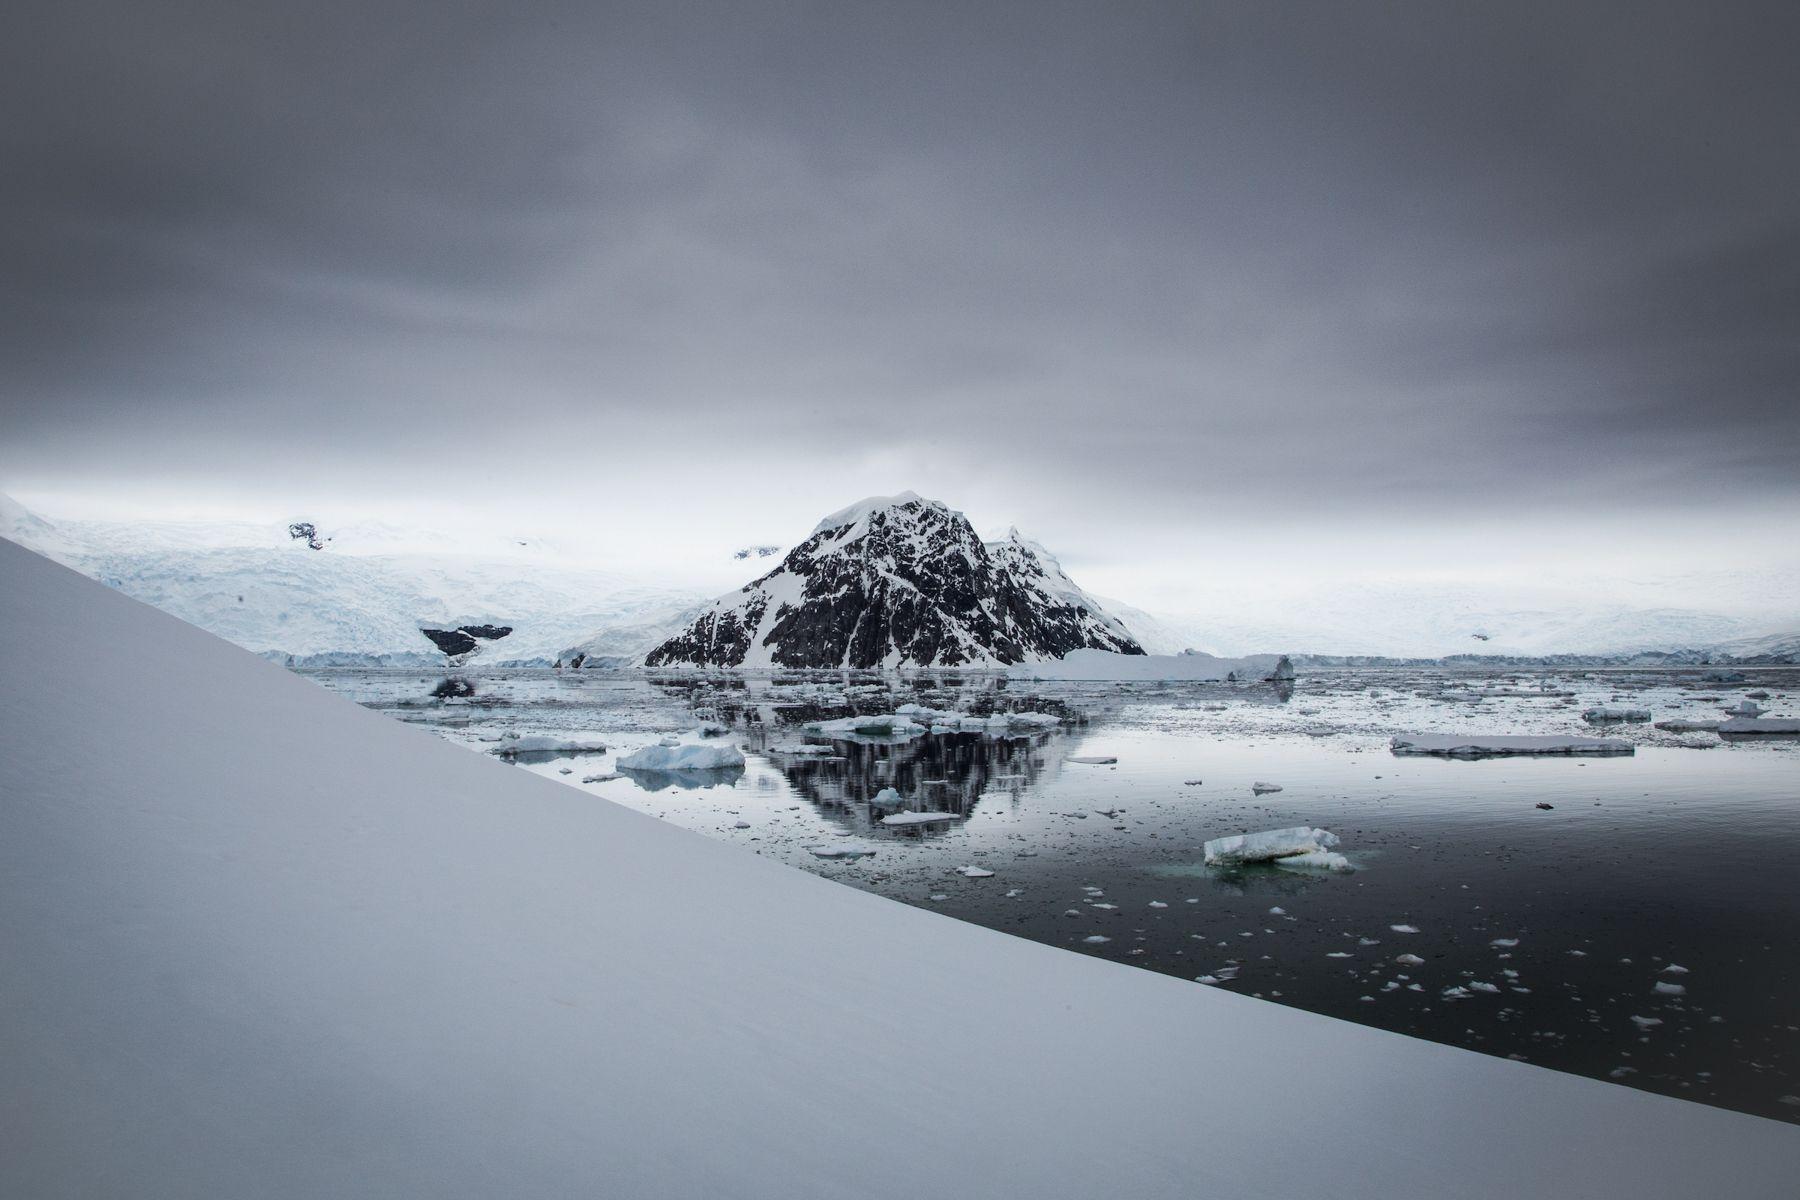 Neko Harbour landscape, Antarctica